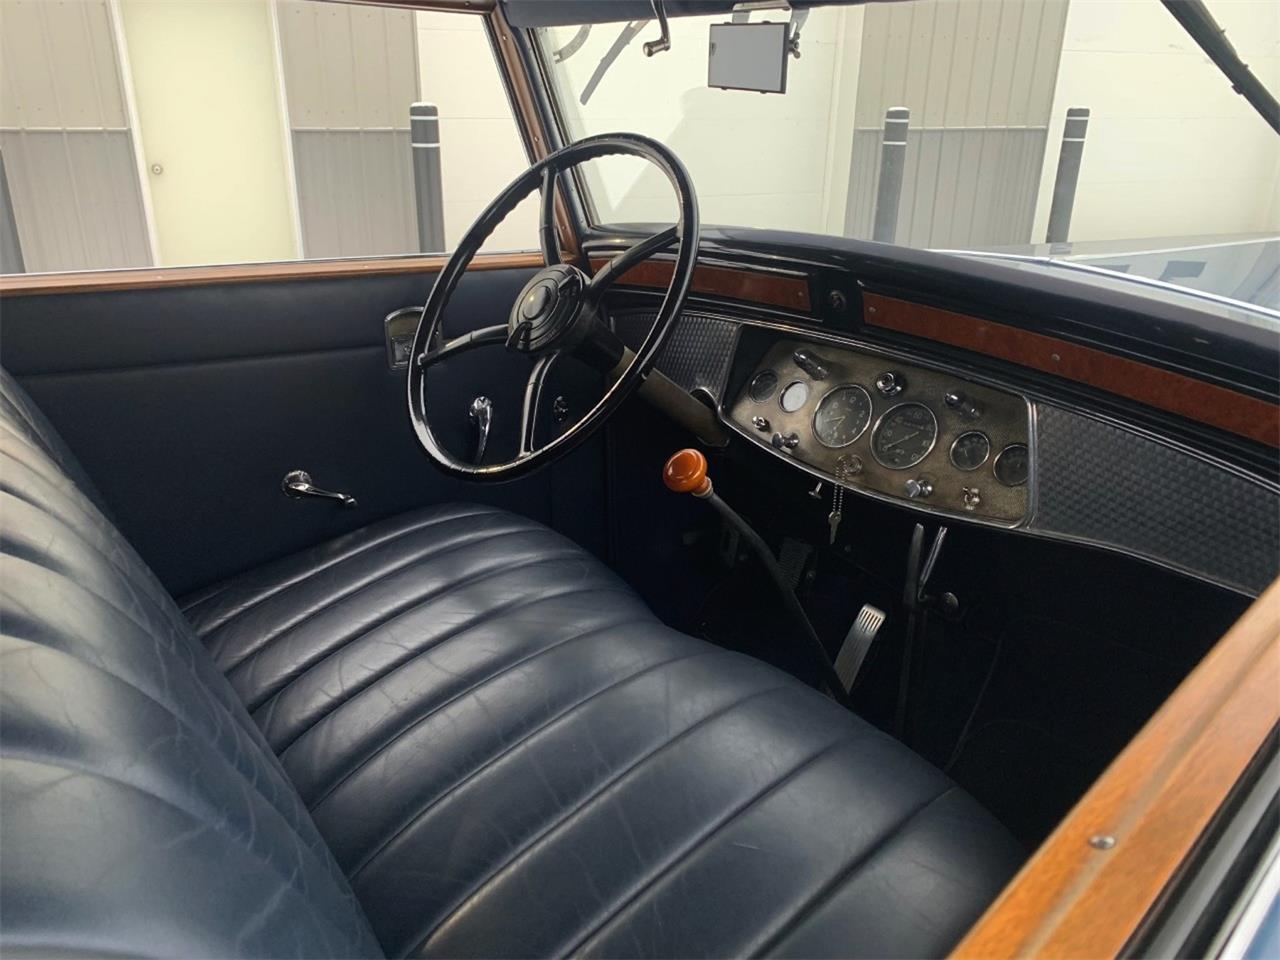 1930 Cadillac V-16 Fleetwood